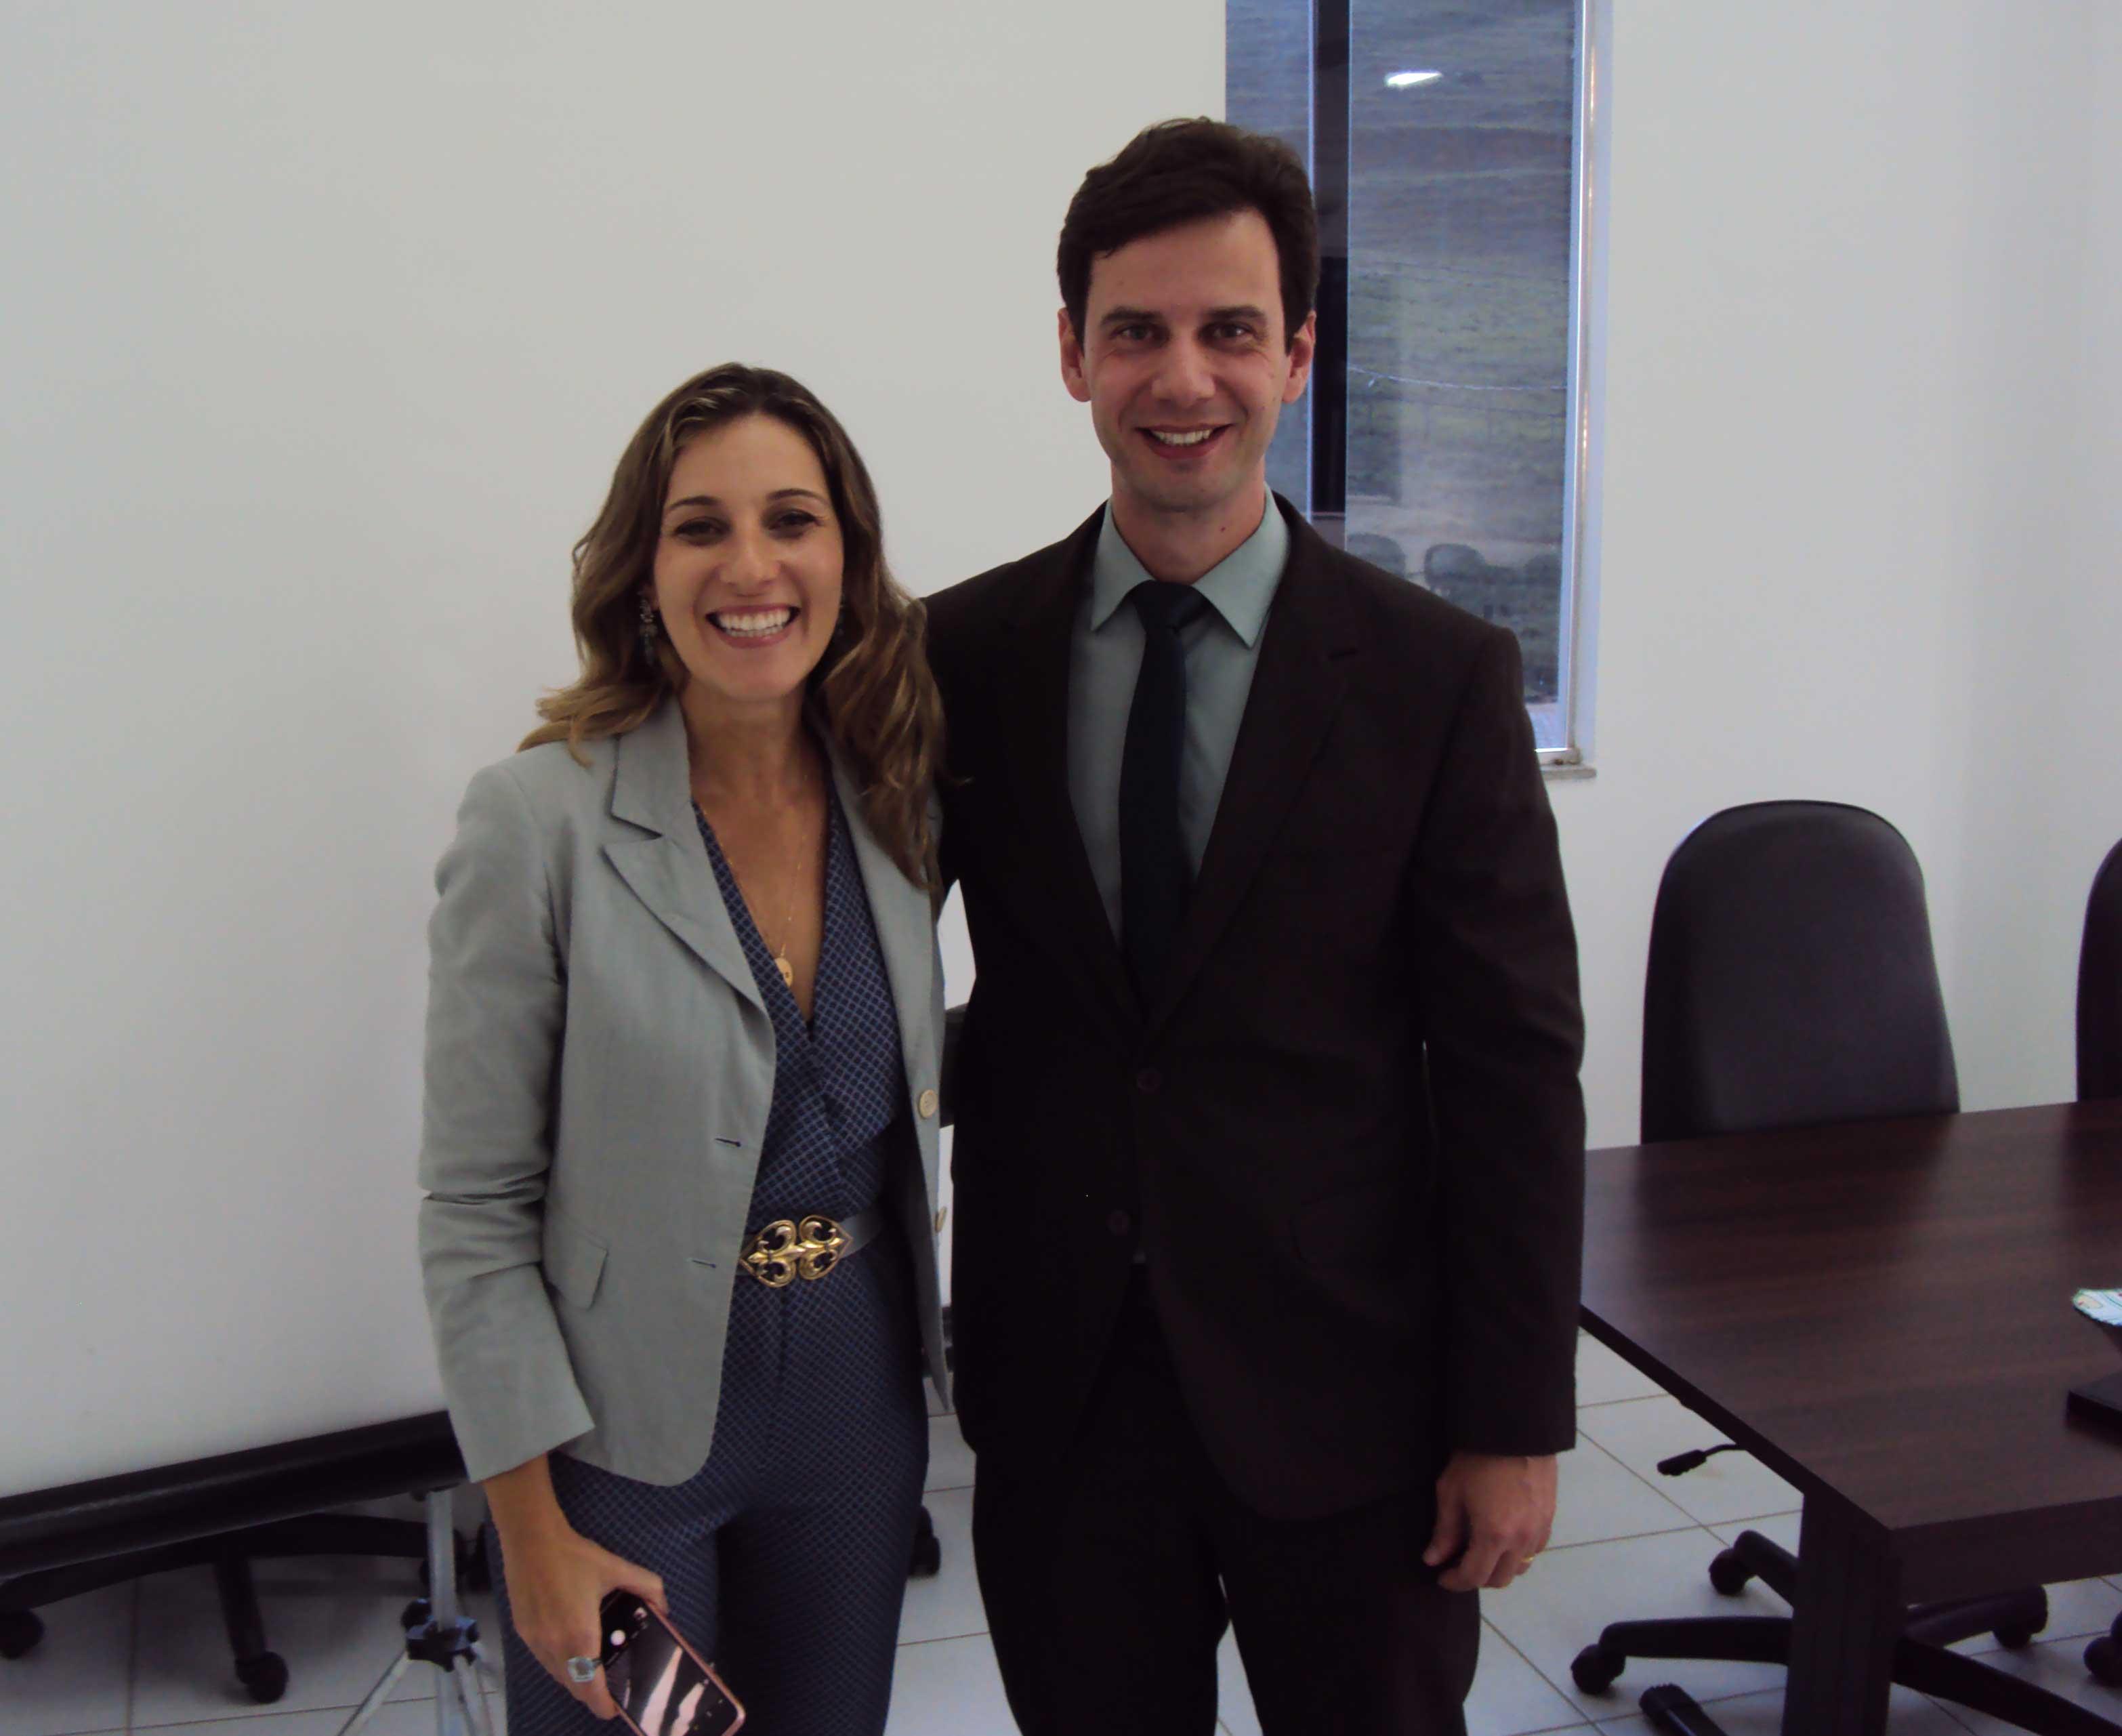 Presidente da Subseção de Alegre da OAB-ES, Felipe Mantovaneli e conselheira seccional, Dyna Hoffman Assi Guerra. Foto: Divulgação.